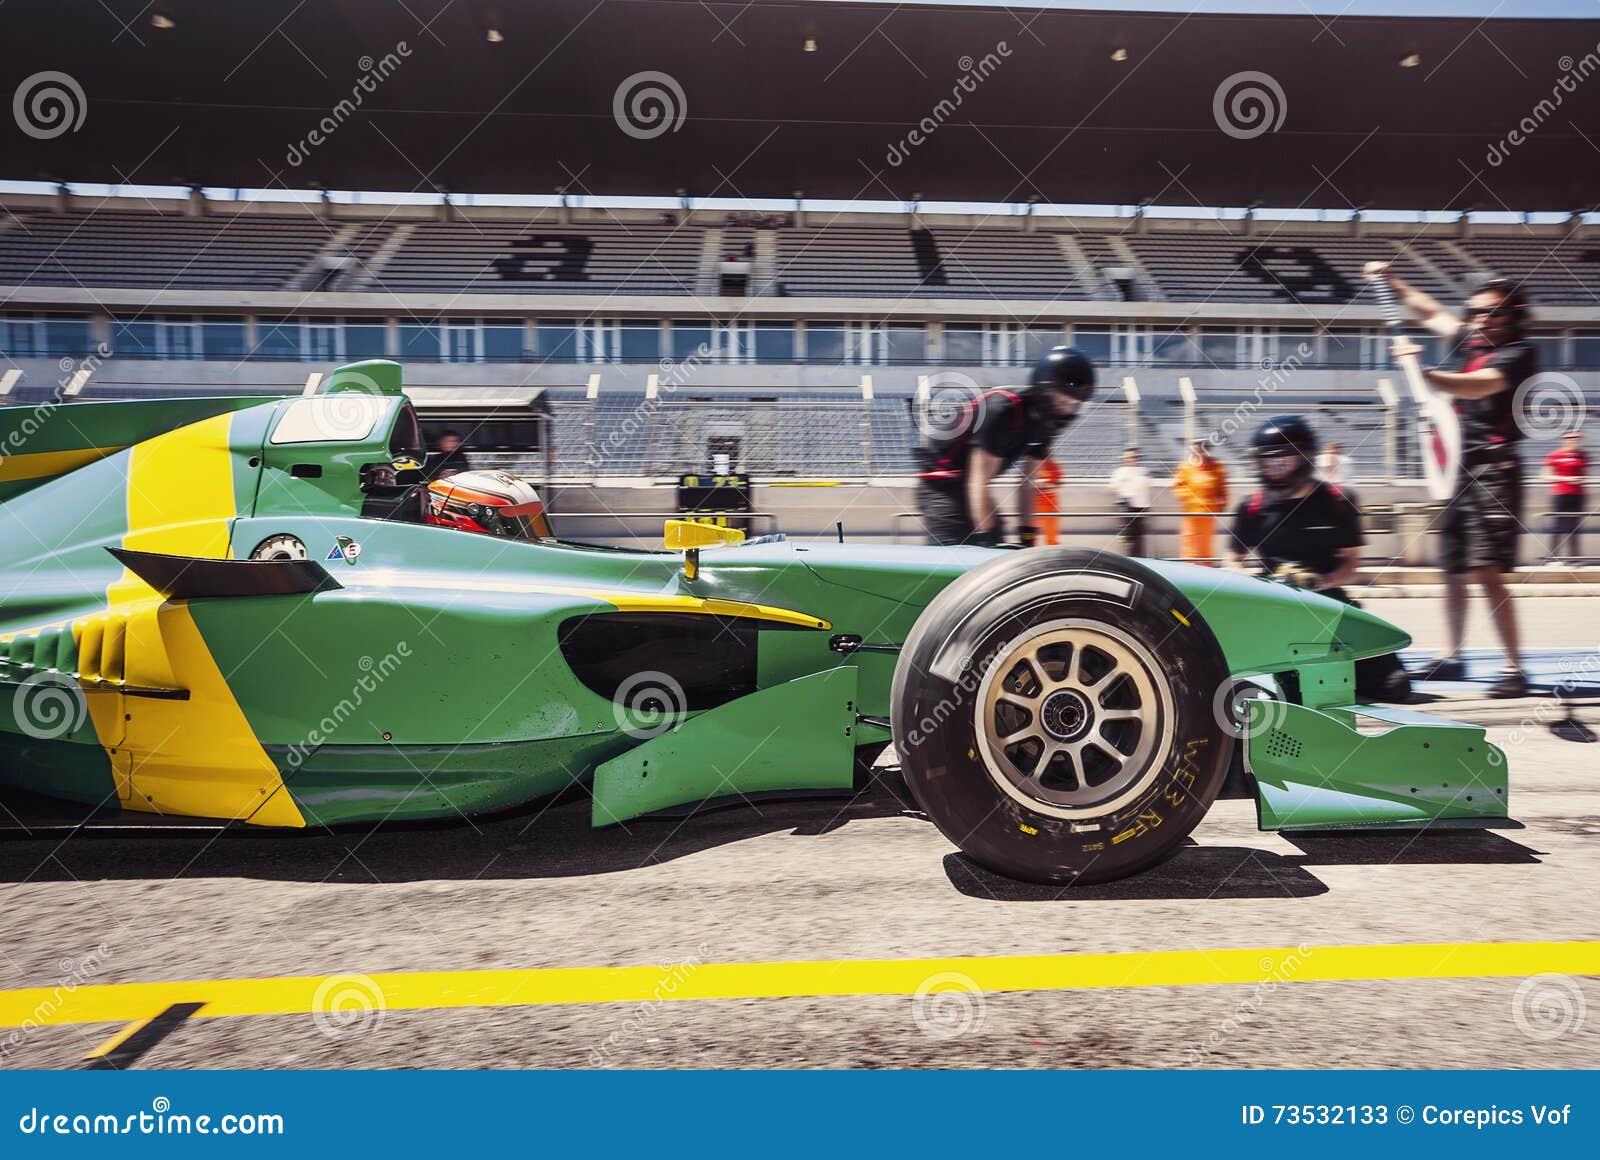 Conductor de coche de carreras en el pitlane para un pitstop